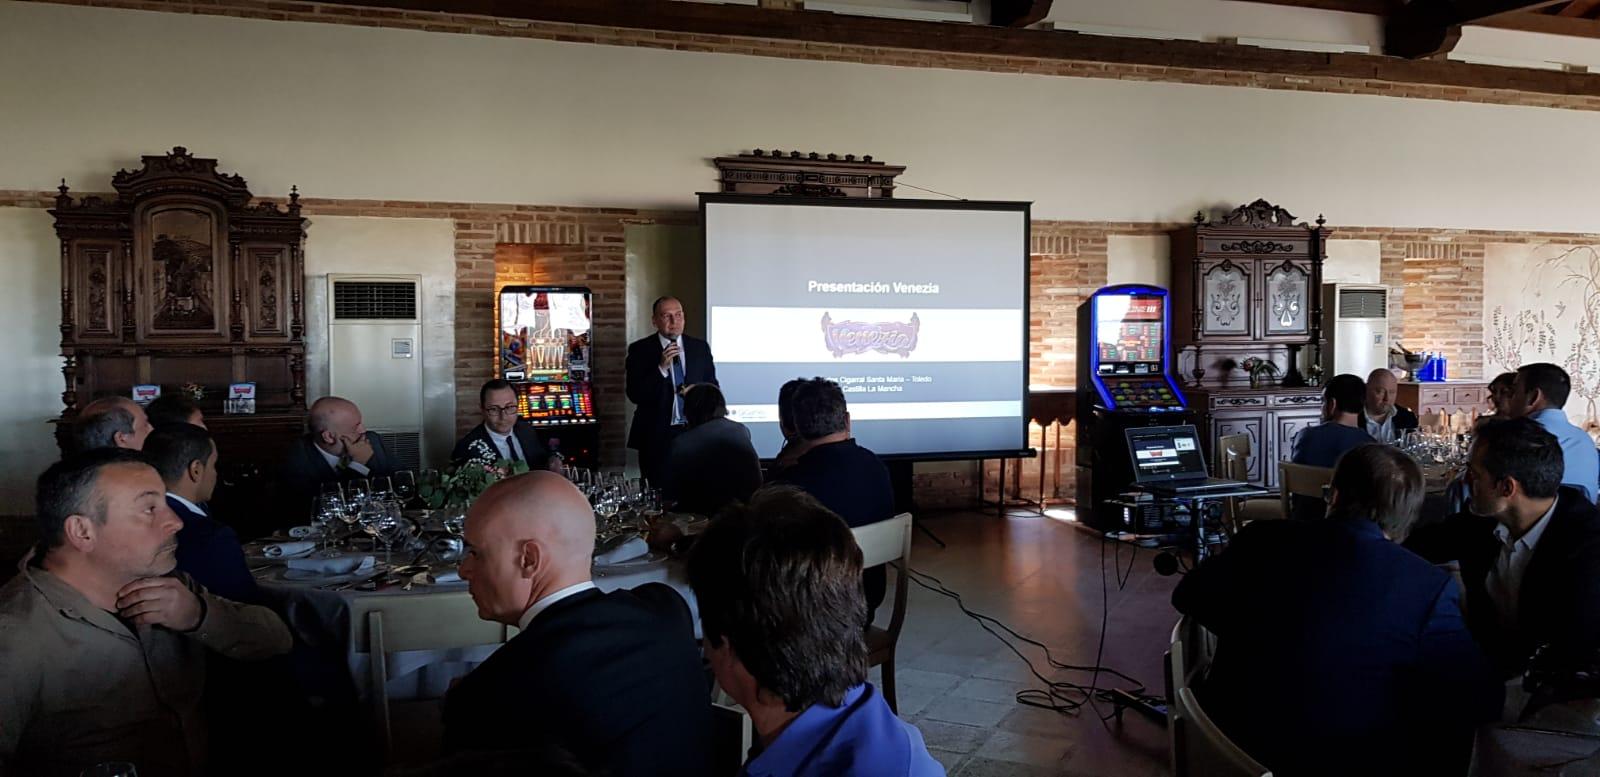 Presentación de VENEZIA en Toledo  01